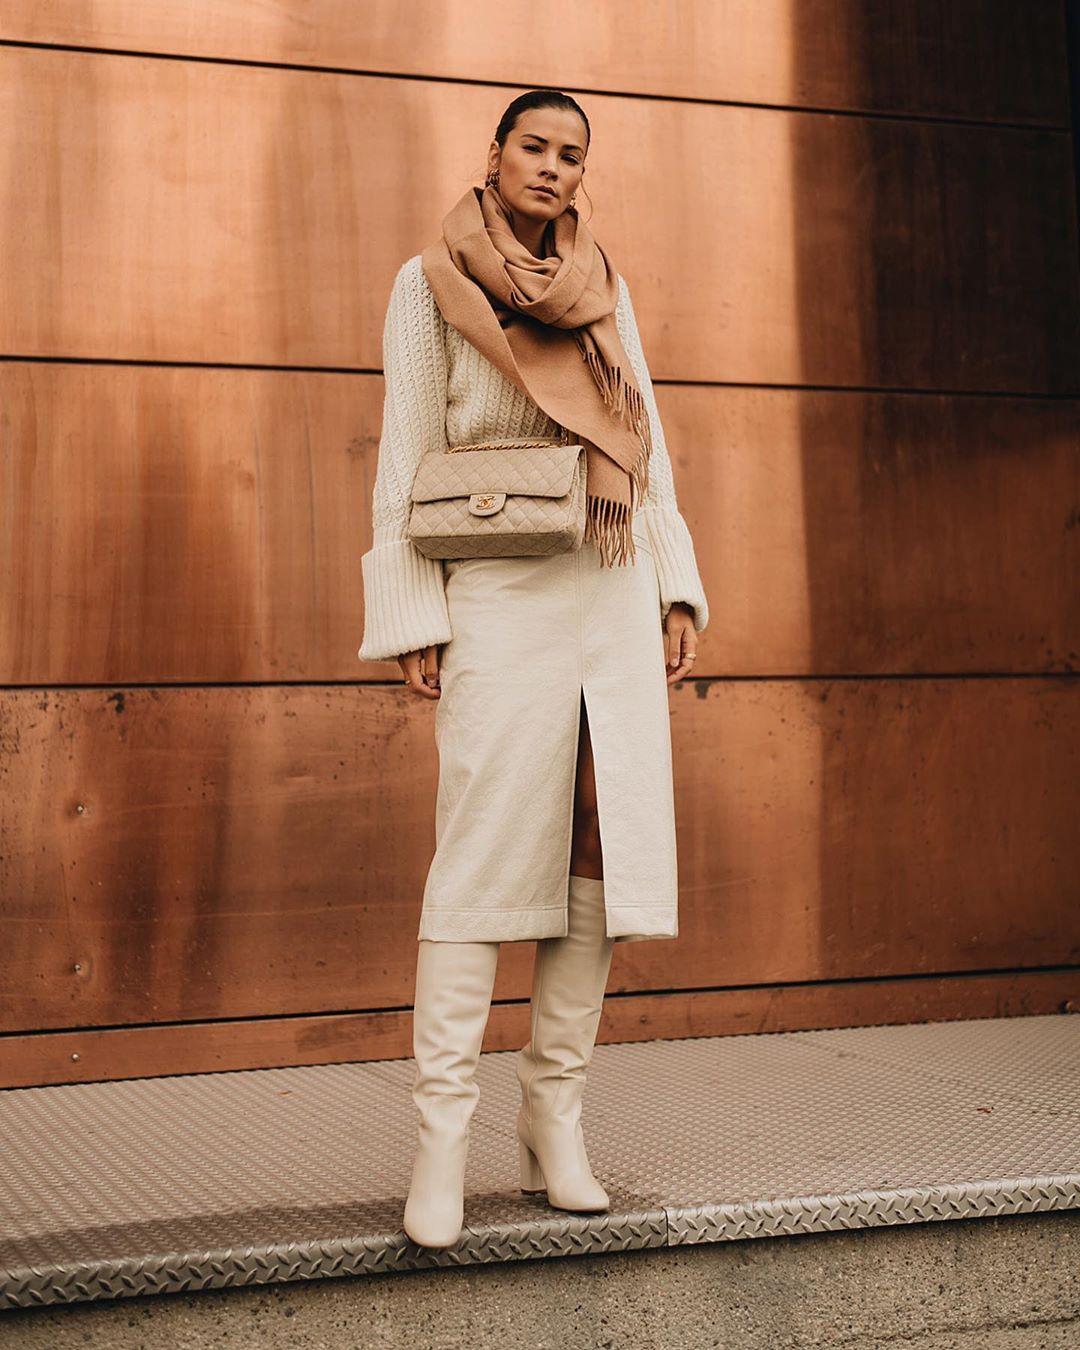 модные образы для бизнес-леди осень 2019 фото 13